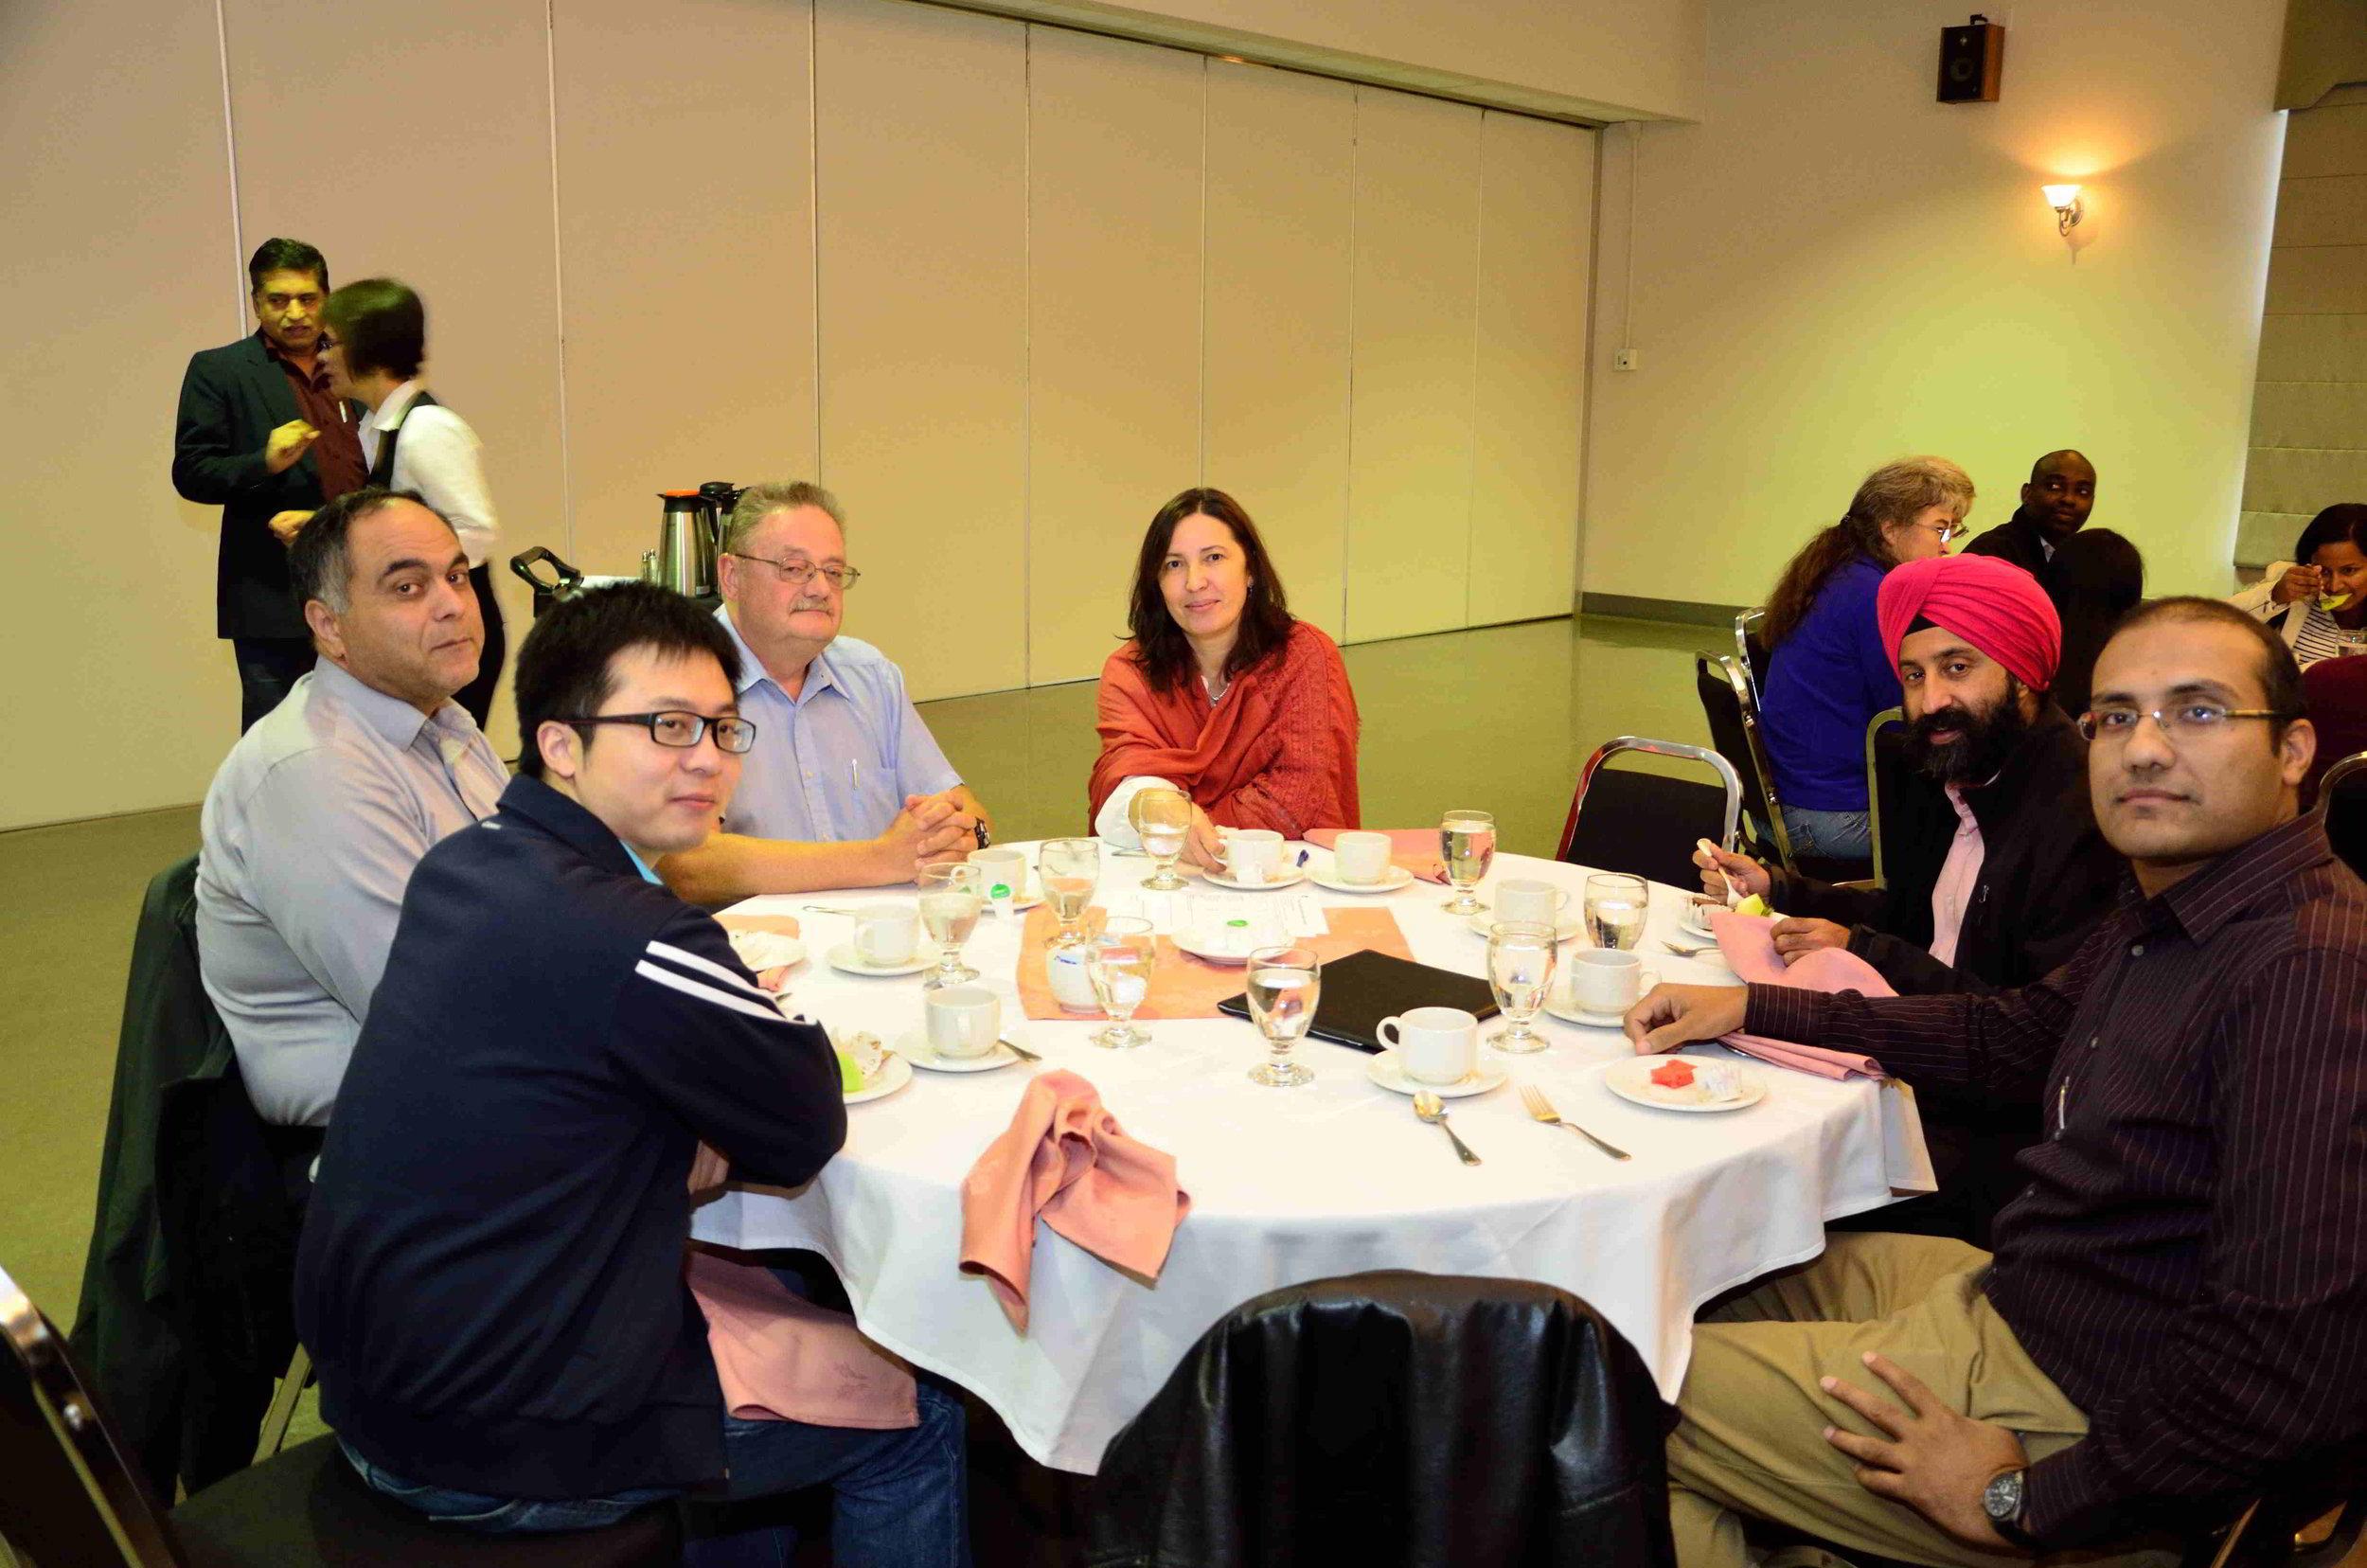 2015-09 September Dinner Meeting - Photo 5.jpg